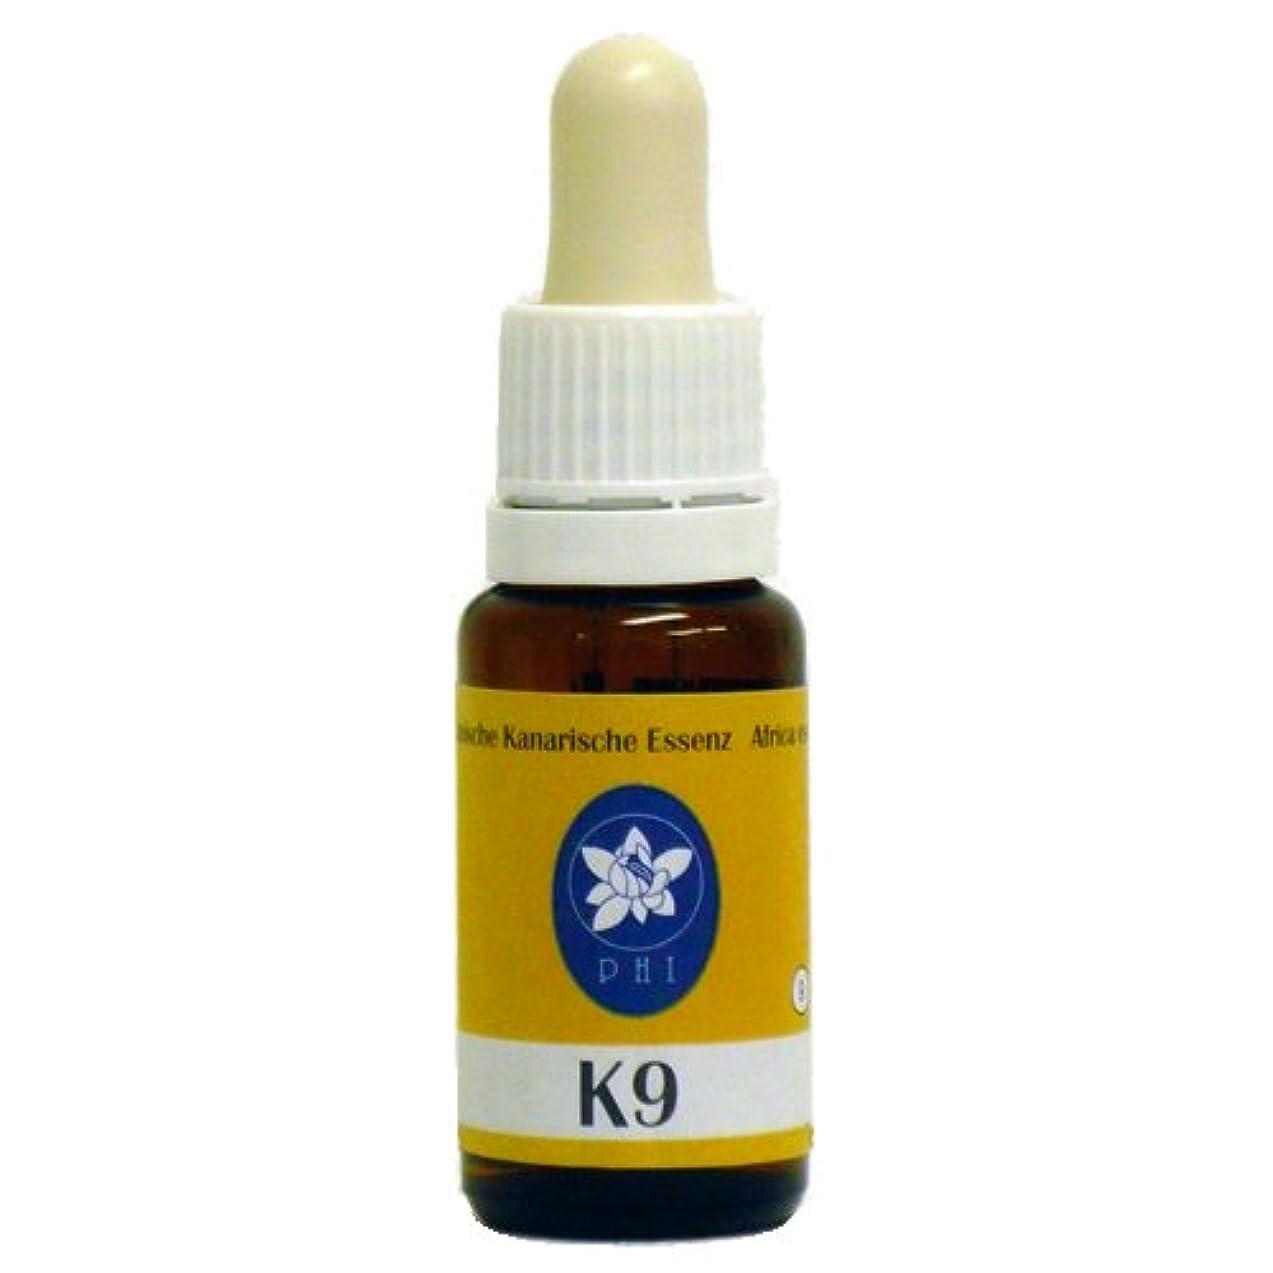 食べる平野送金コルテPHI K9 15ml アフリカン&カナリーアイランドエッセンス 日本国内正規品